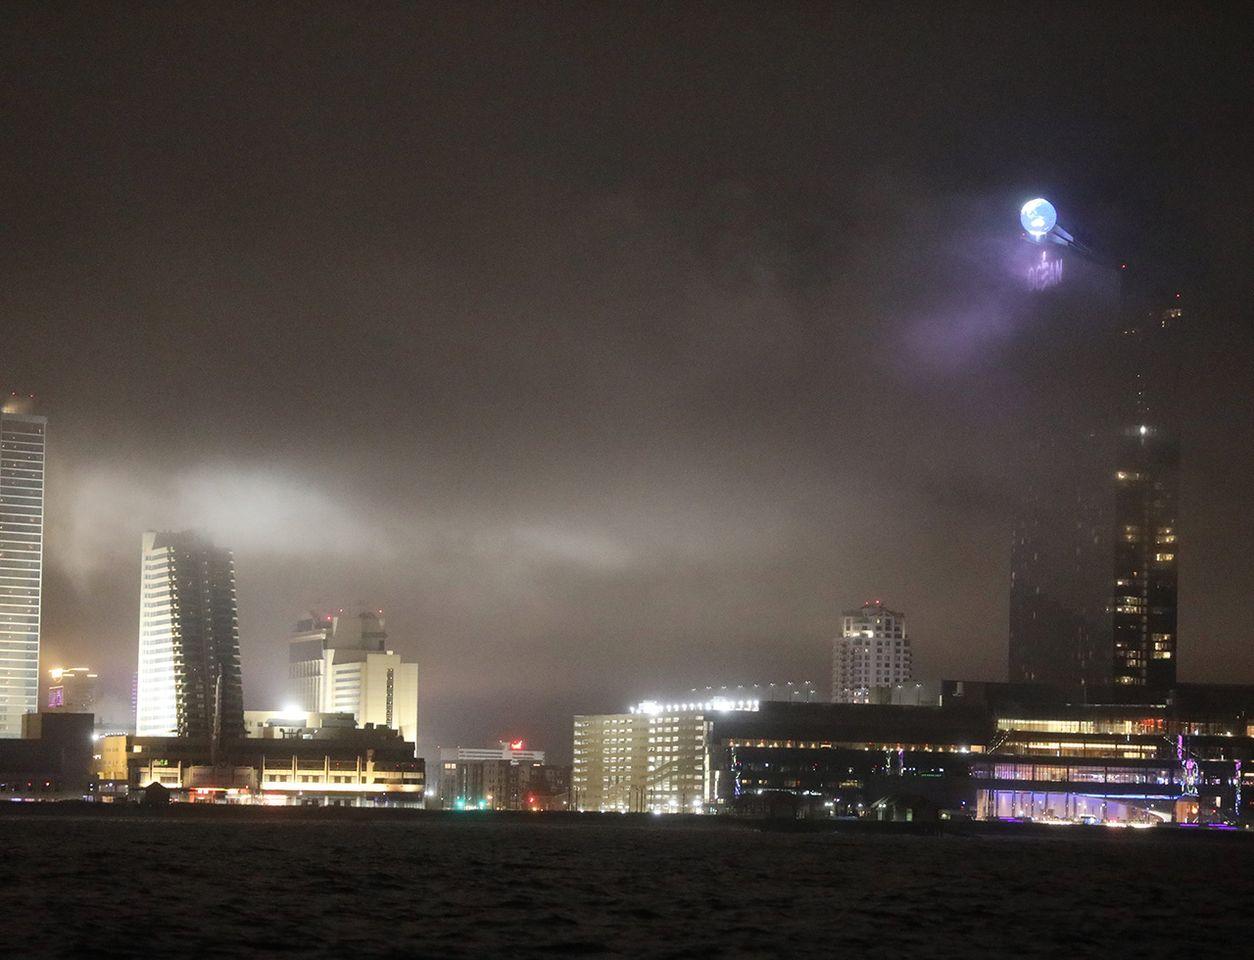 Ansteuerung Atlantic City